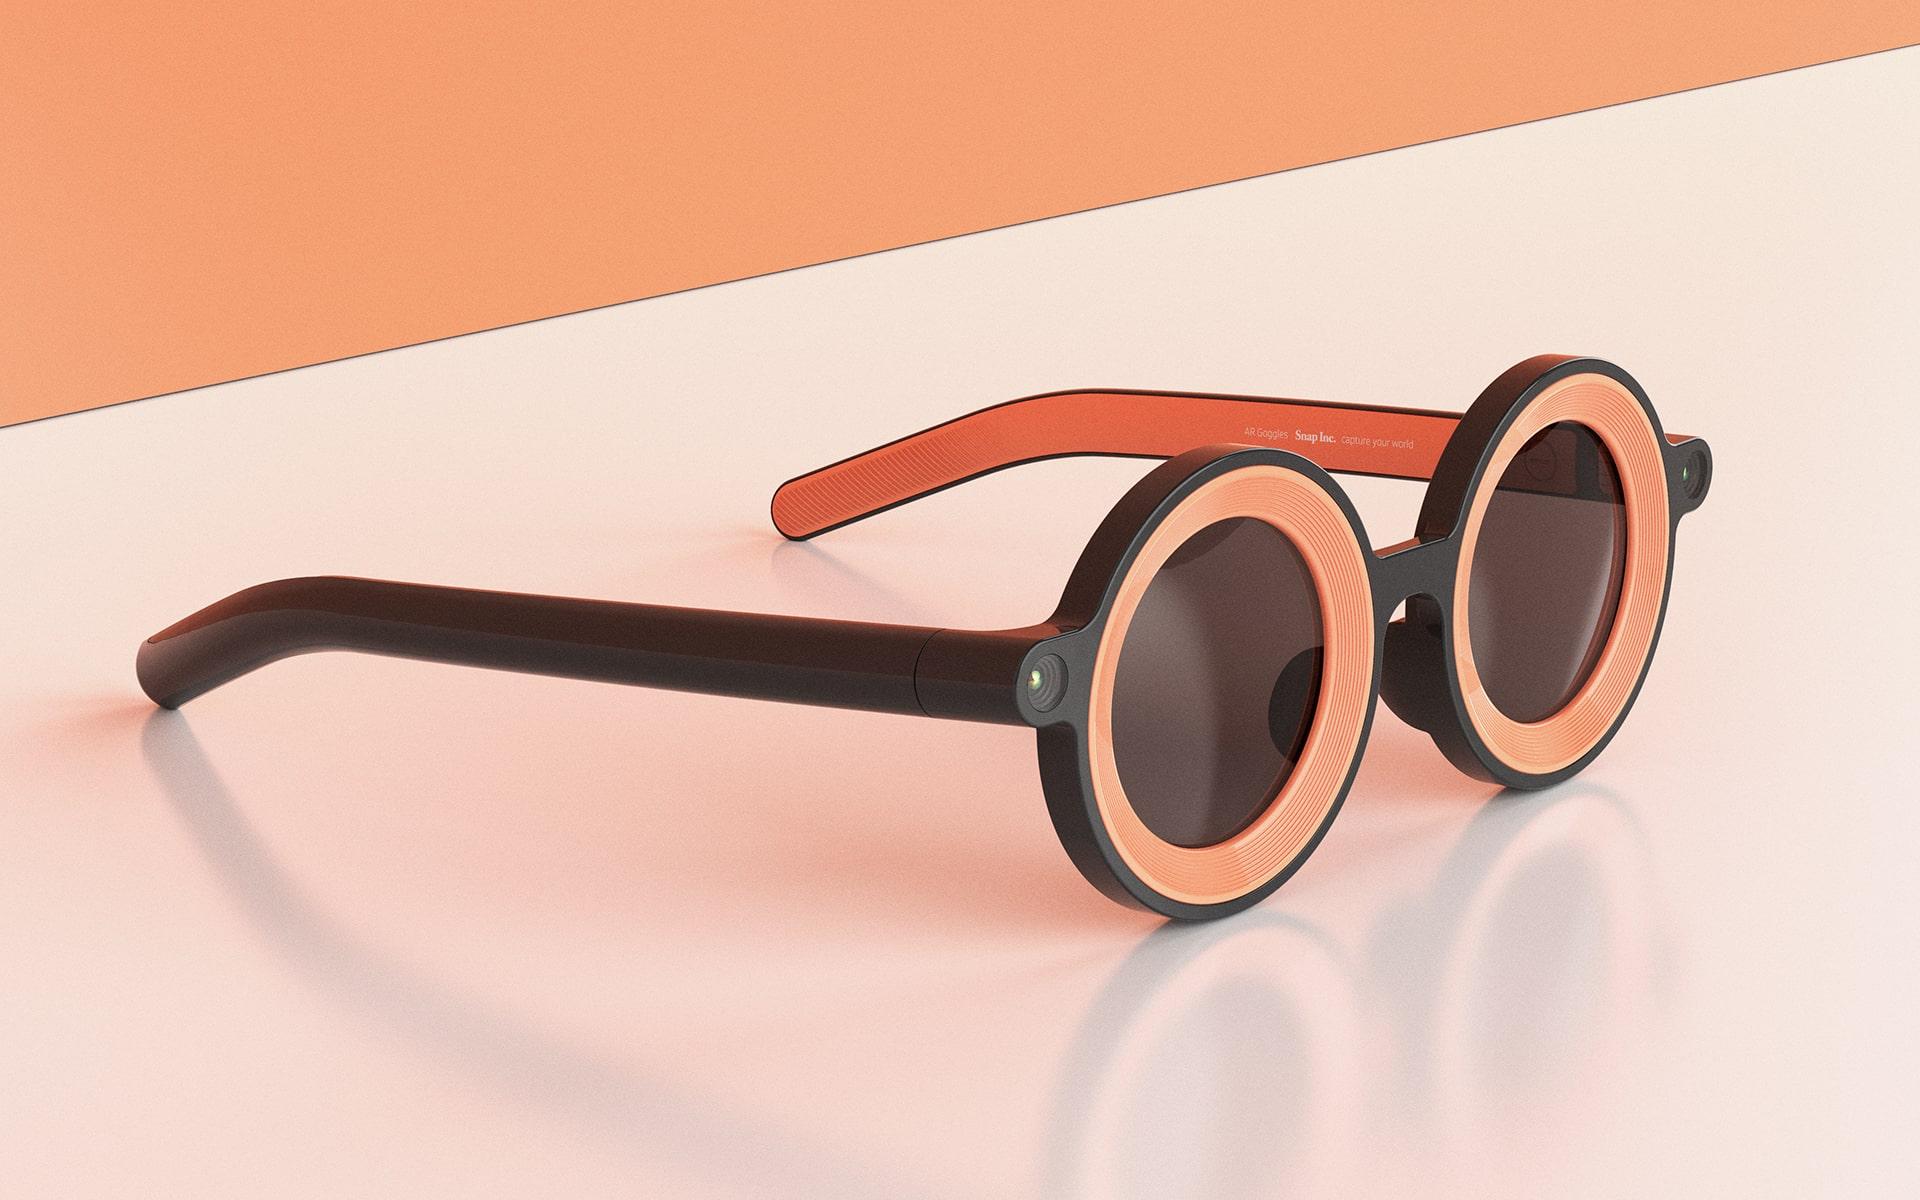 Snapchat-Glasses-20-min